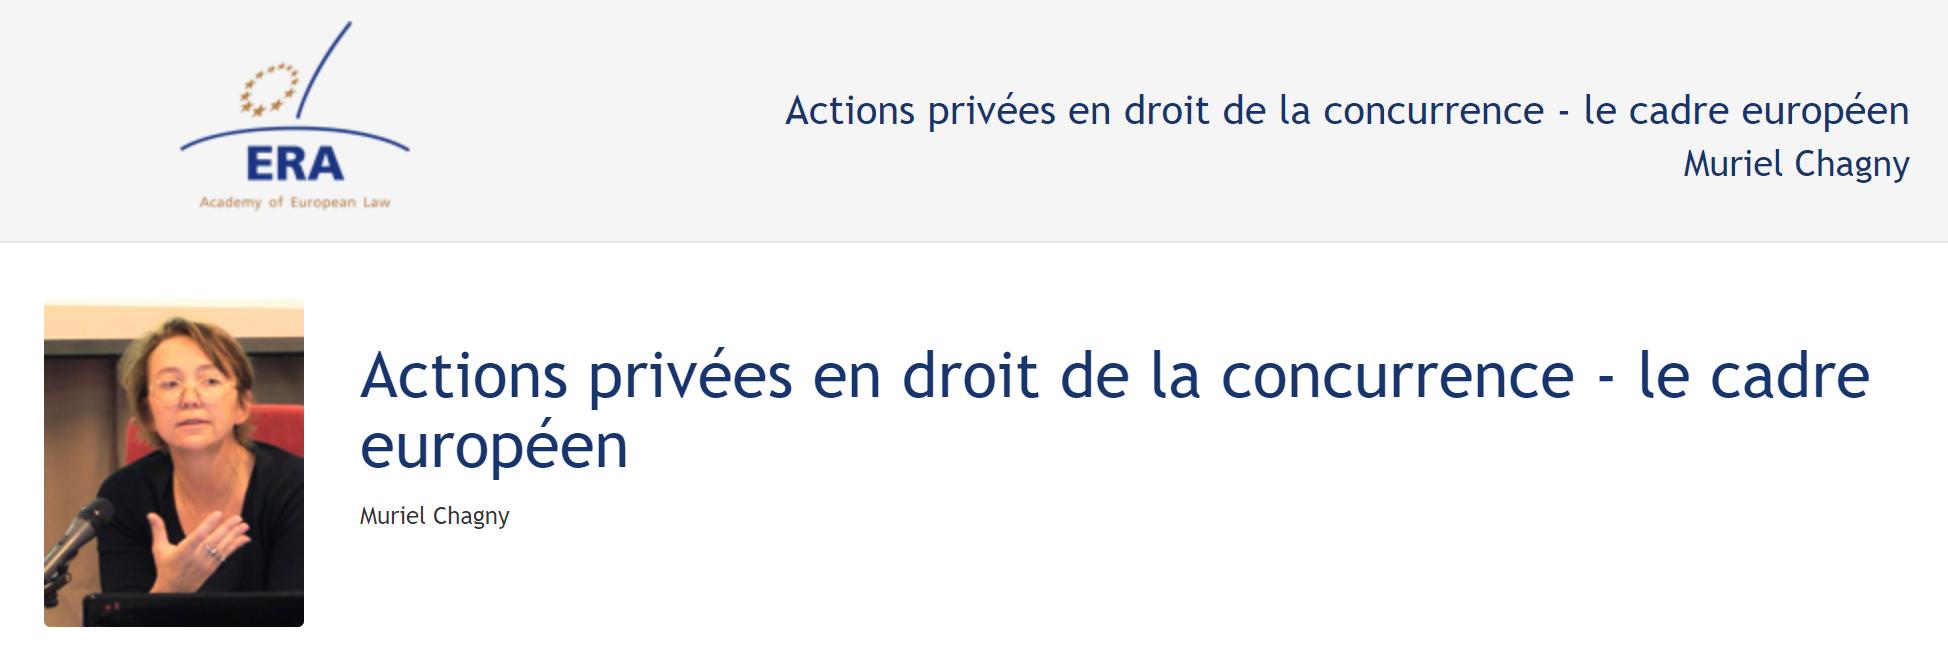 e-Presentation Muriel Chagny (219DV48): Actions privées en droit de la concurrence : Cadre européen